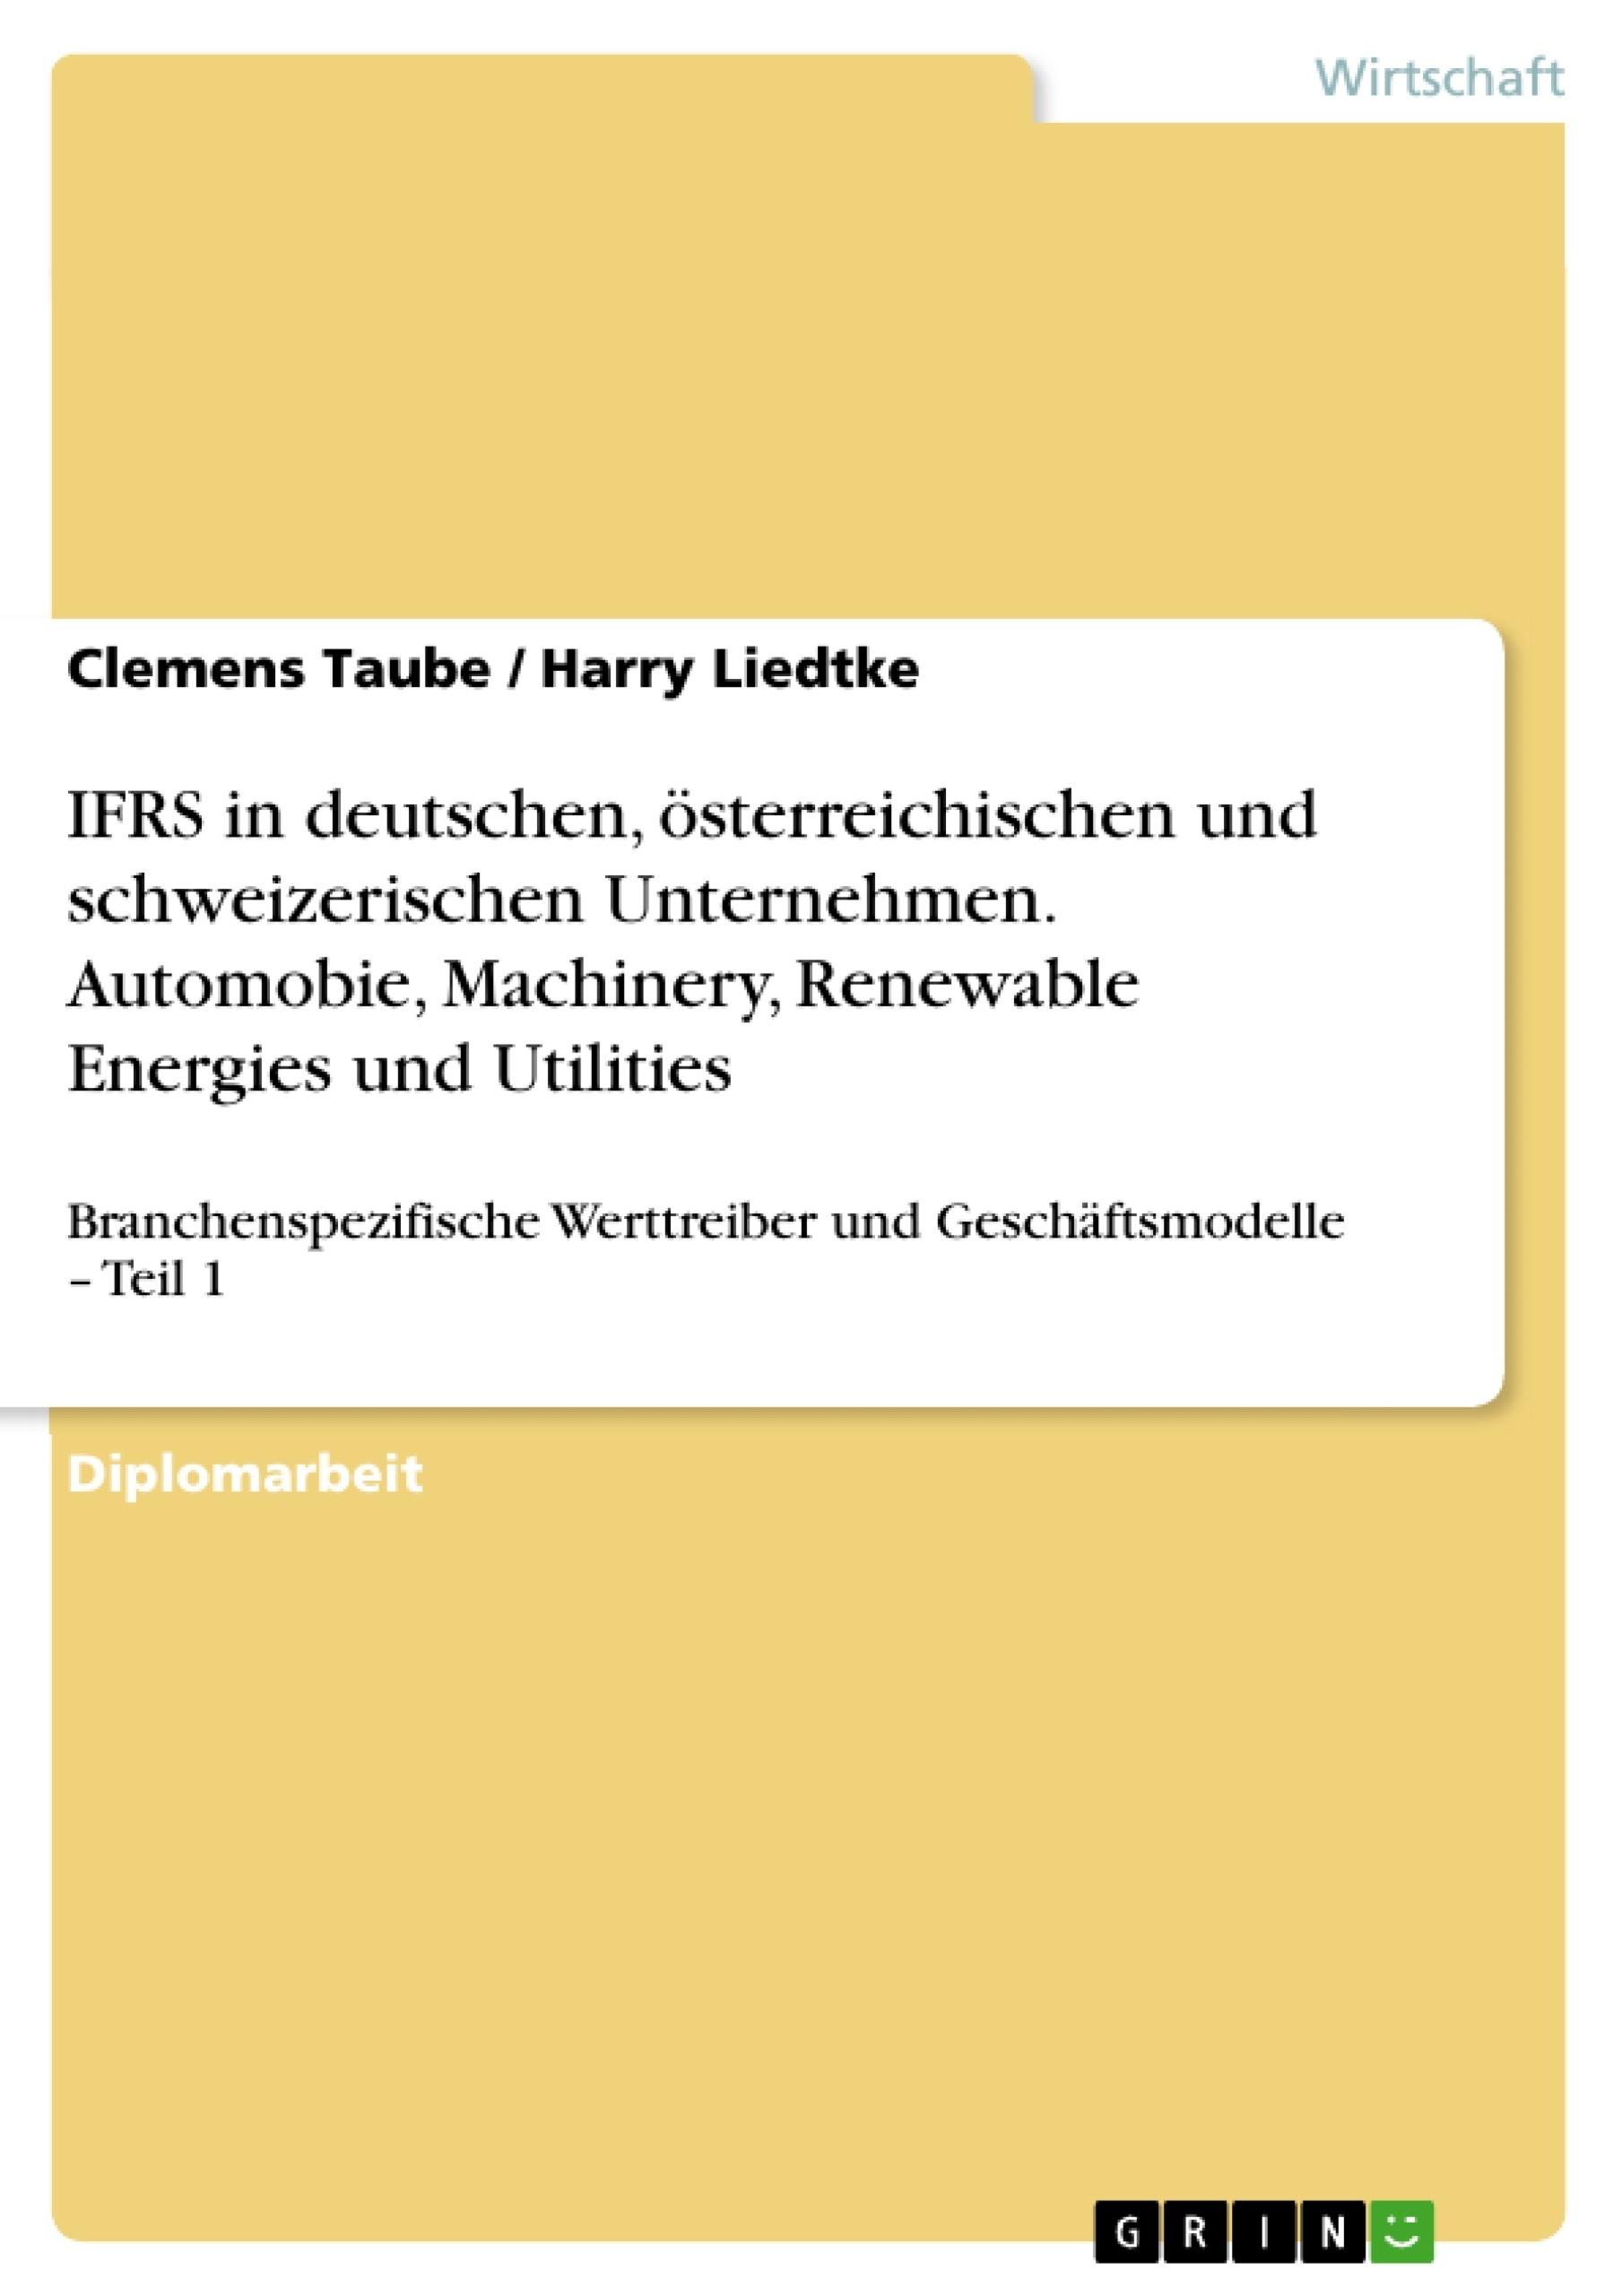 Titel: IFRS in deutschen, österreichischen und schweizerischen Unternehmen. Automobie, Machinery, Renewable Energies und Utilities